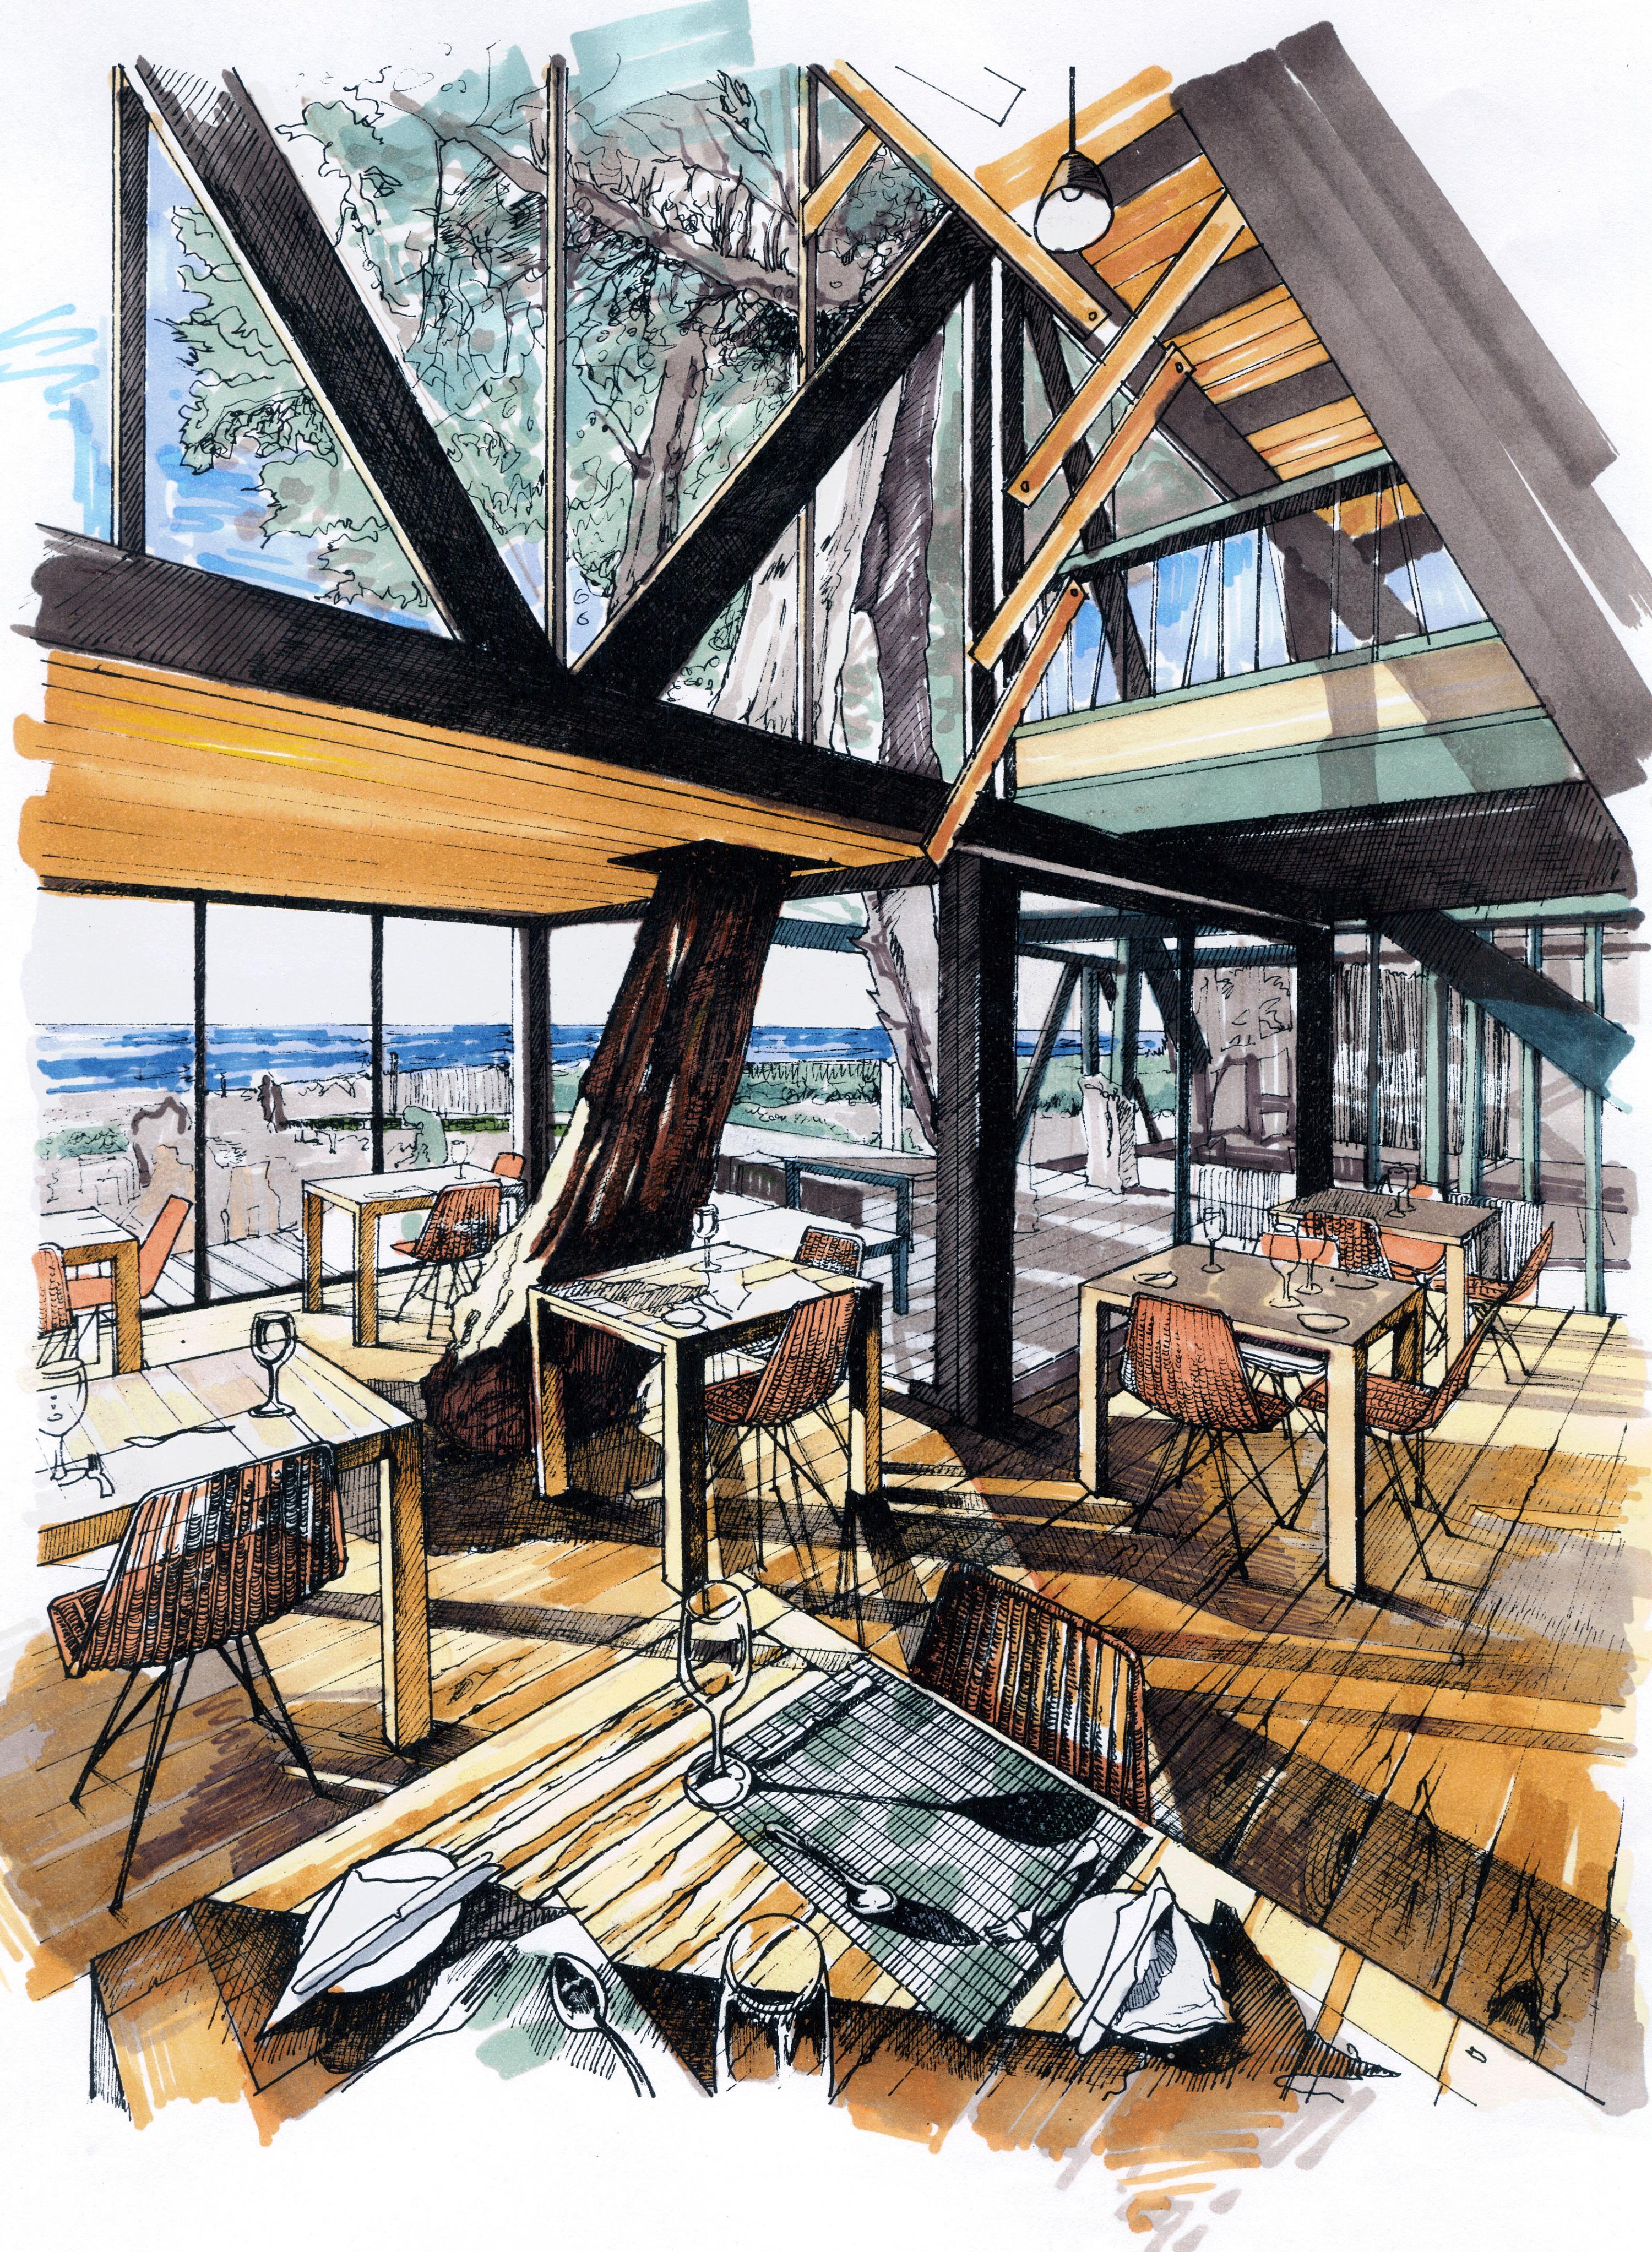 建筑手绘表现|空间|建筑设计|banana是苹果 - 原创